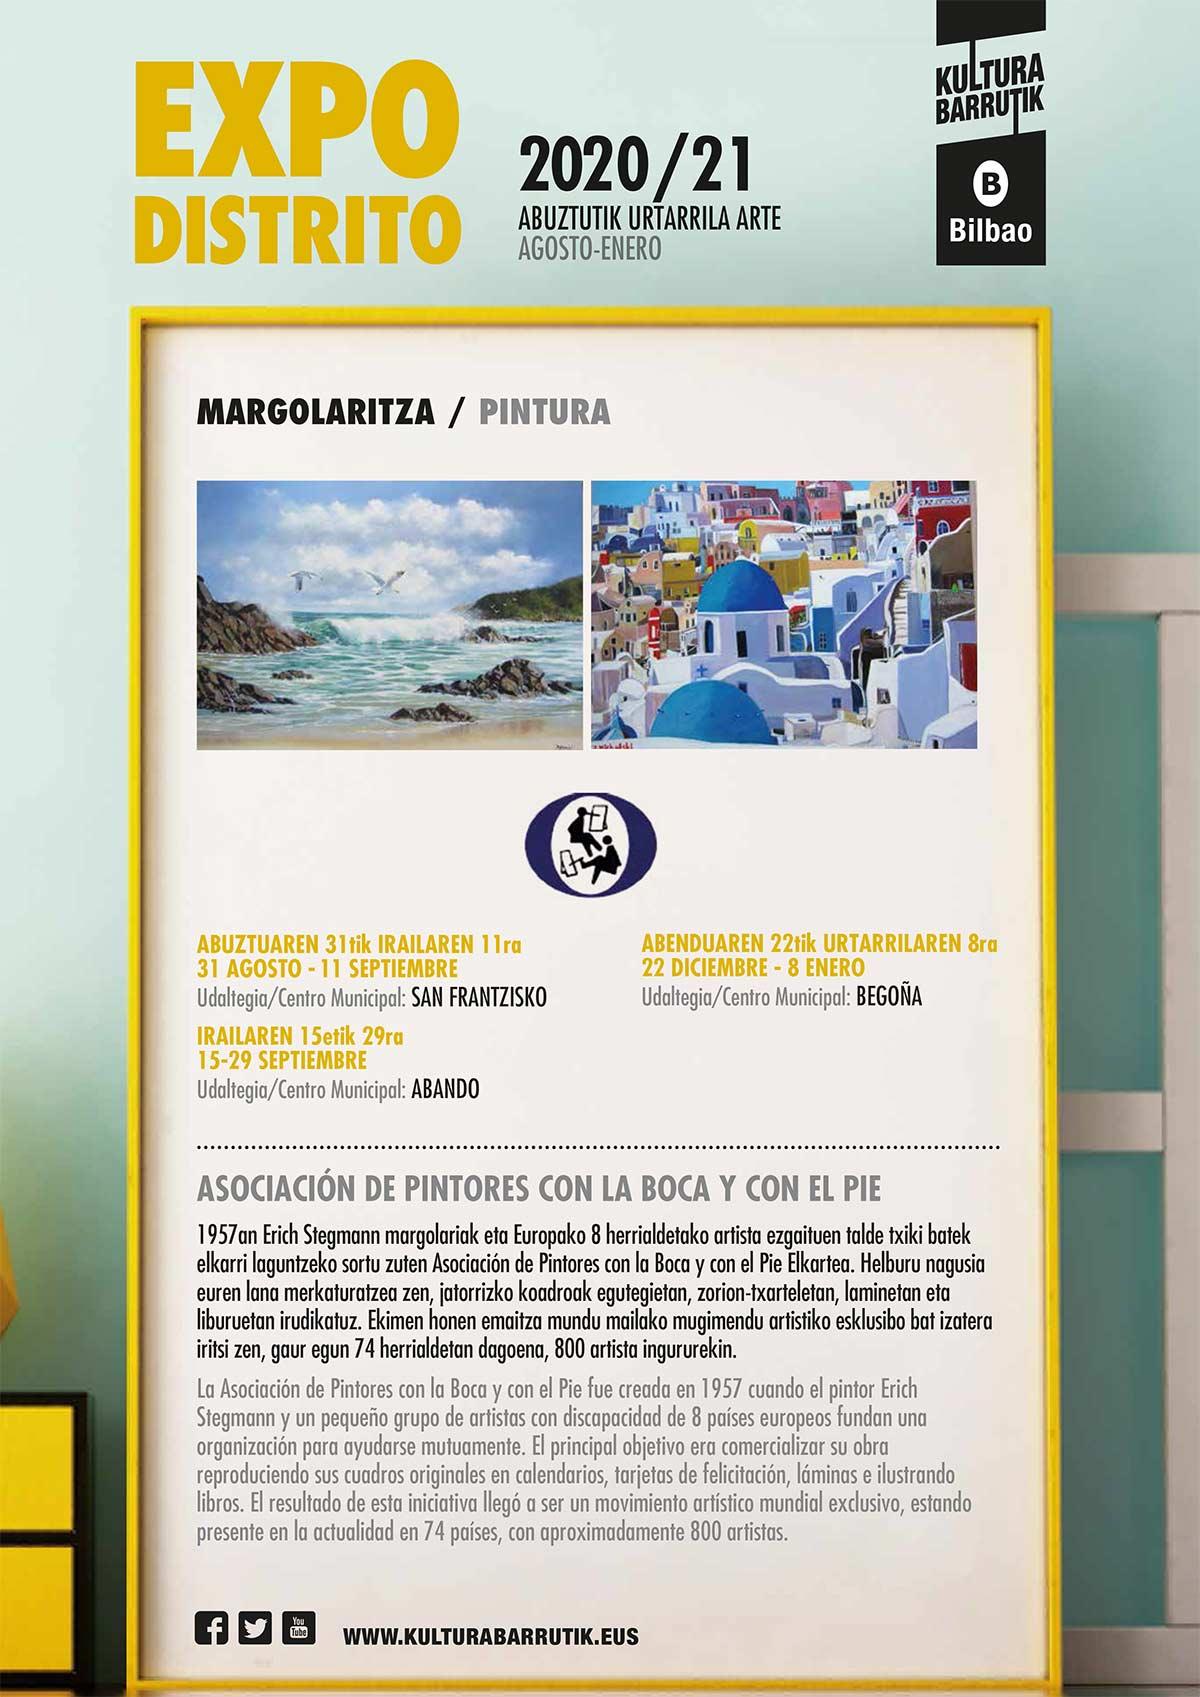 Exposición Internacional de la Asociación de Pintores con la Boca y con el Pie en Bilbao